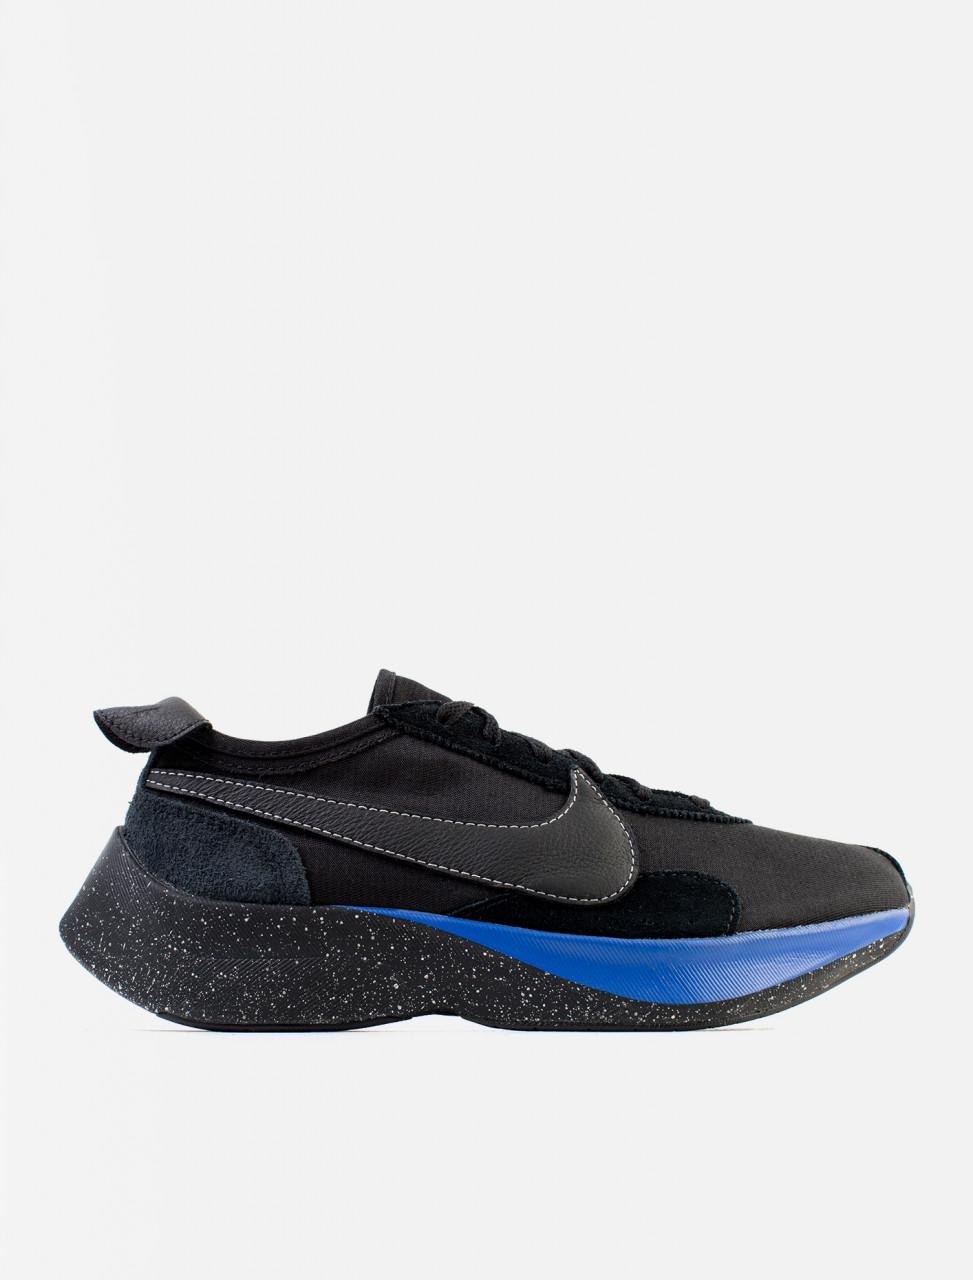 Moon Racer QS Sneaker